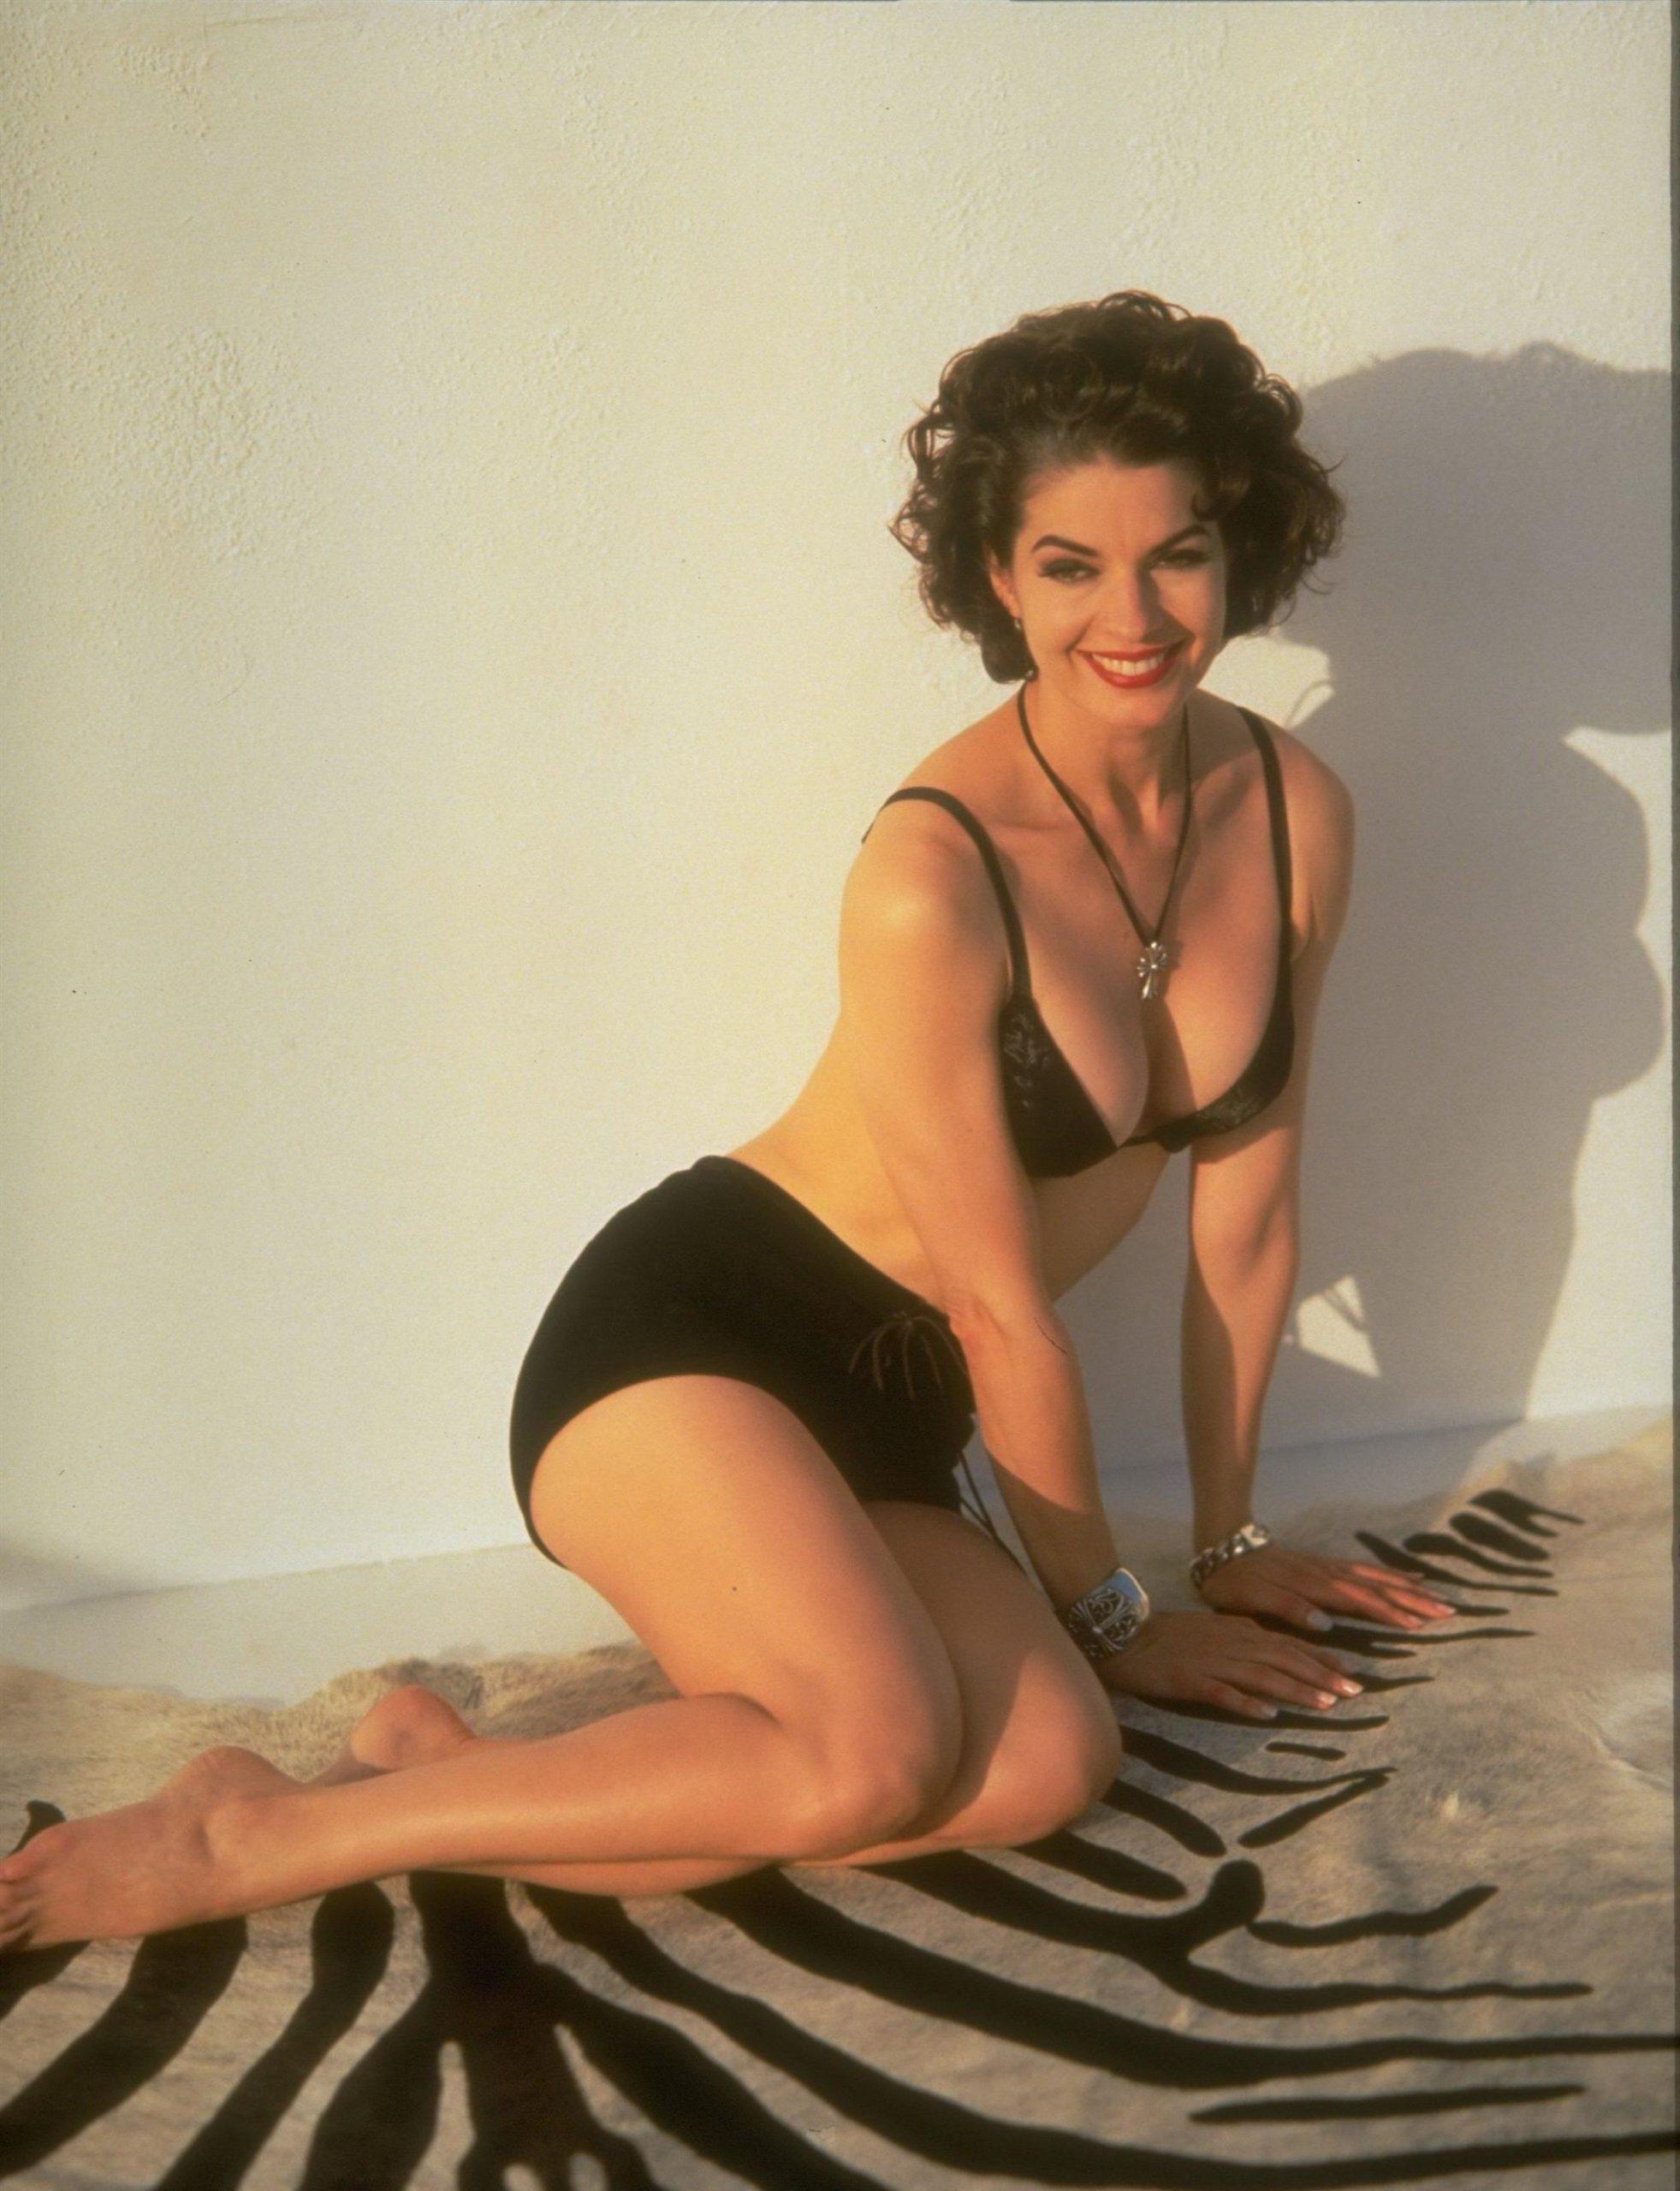 Sela Ward bikini pic (1)